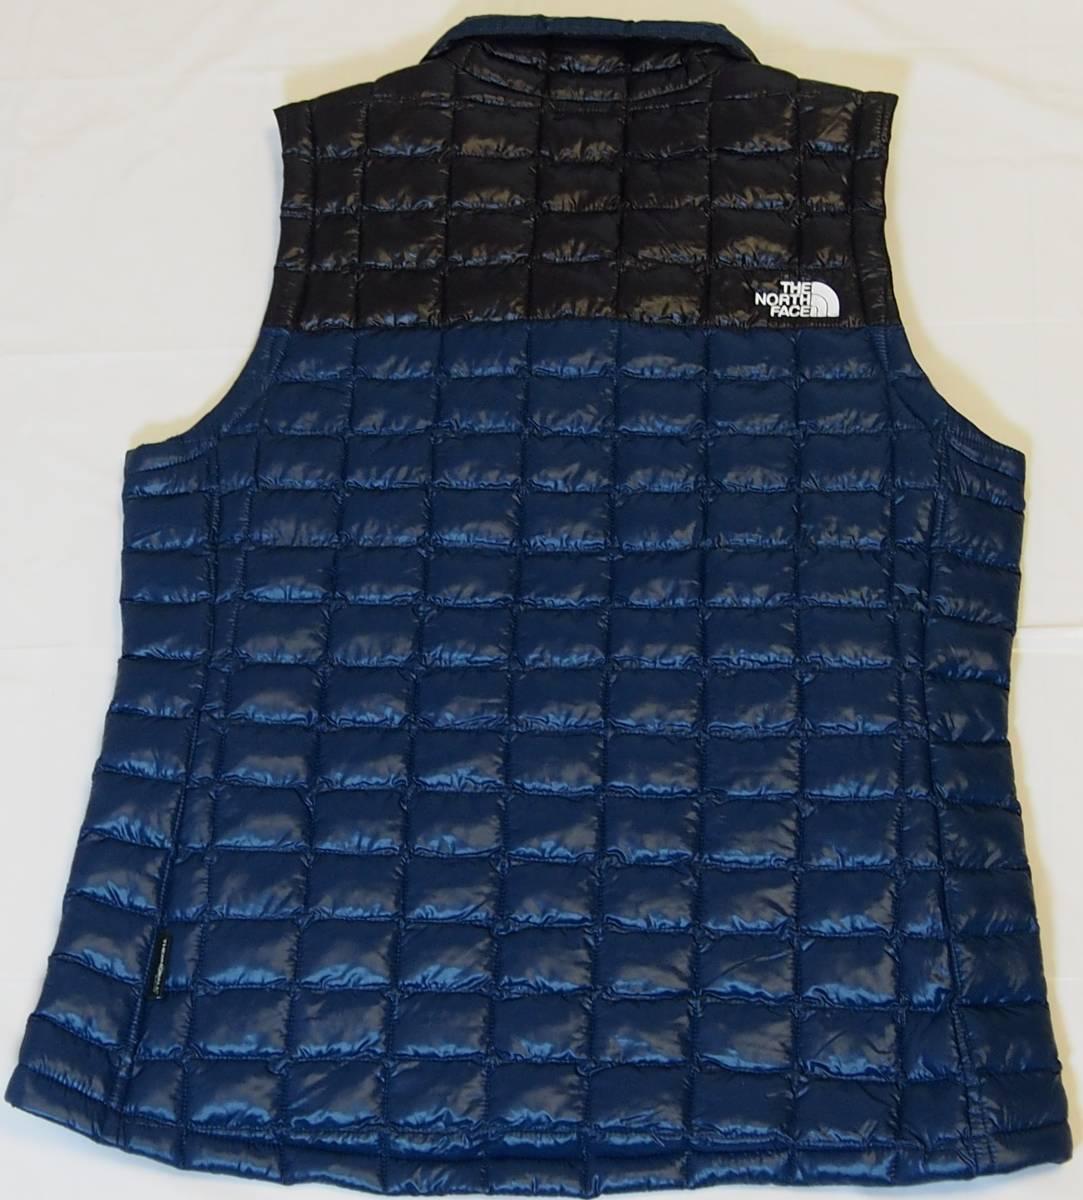 【USA購入、未使用タグ付】ノースフェイス レディース(メンズ可) 中綿ベスト M ブルー×ブラック The North Face Thermoball Eco Vest_画像3